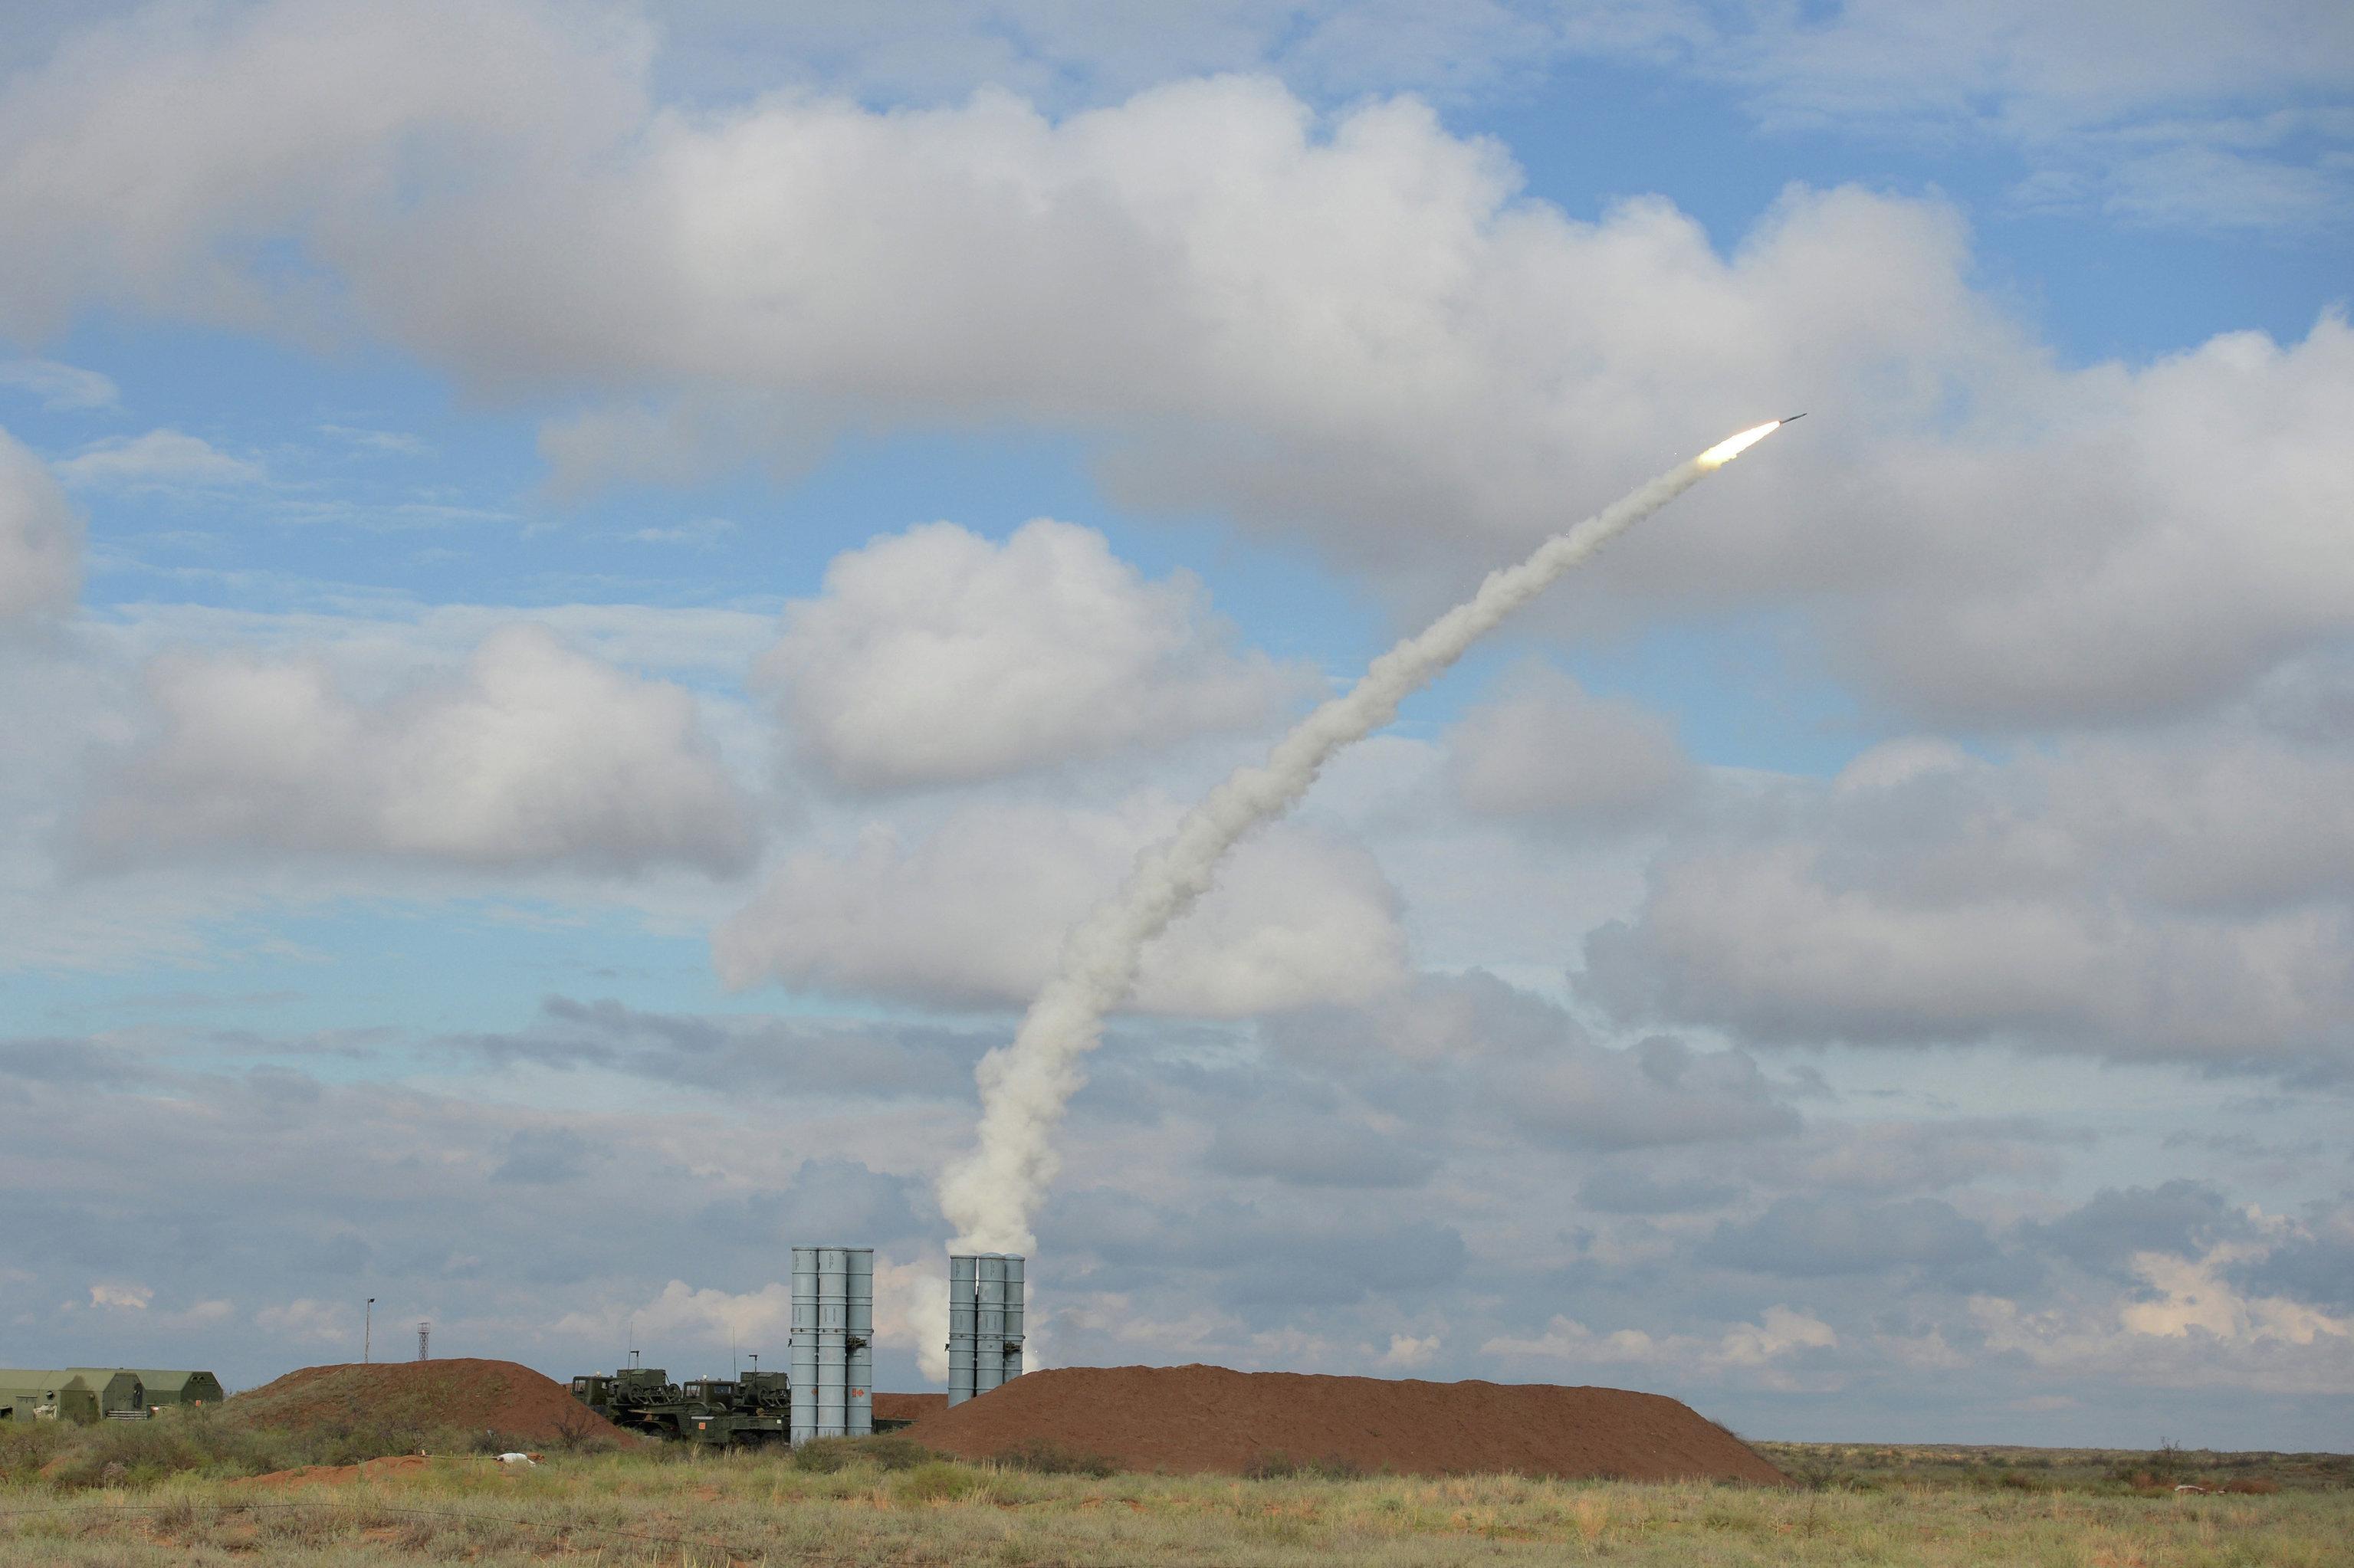 صواريخ الدفاع الجوي إس-300